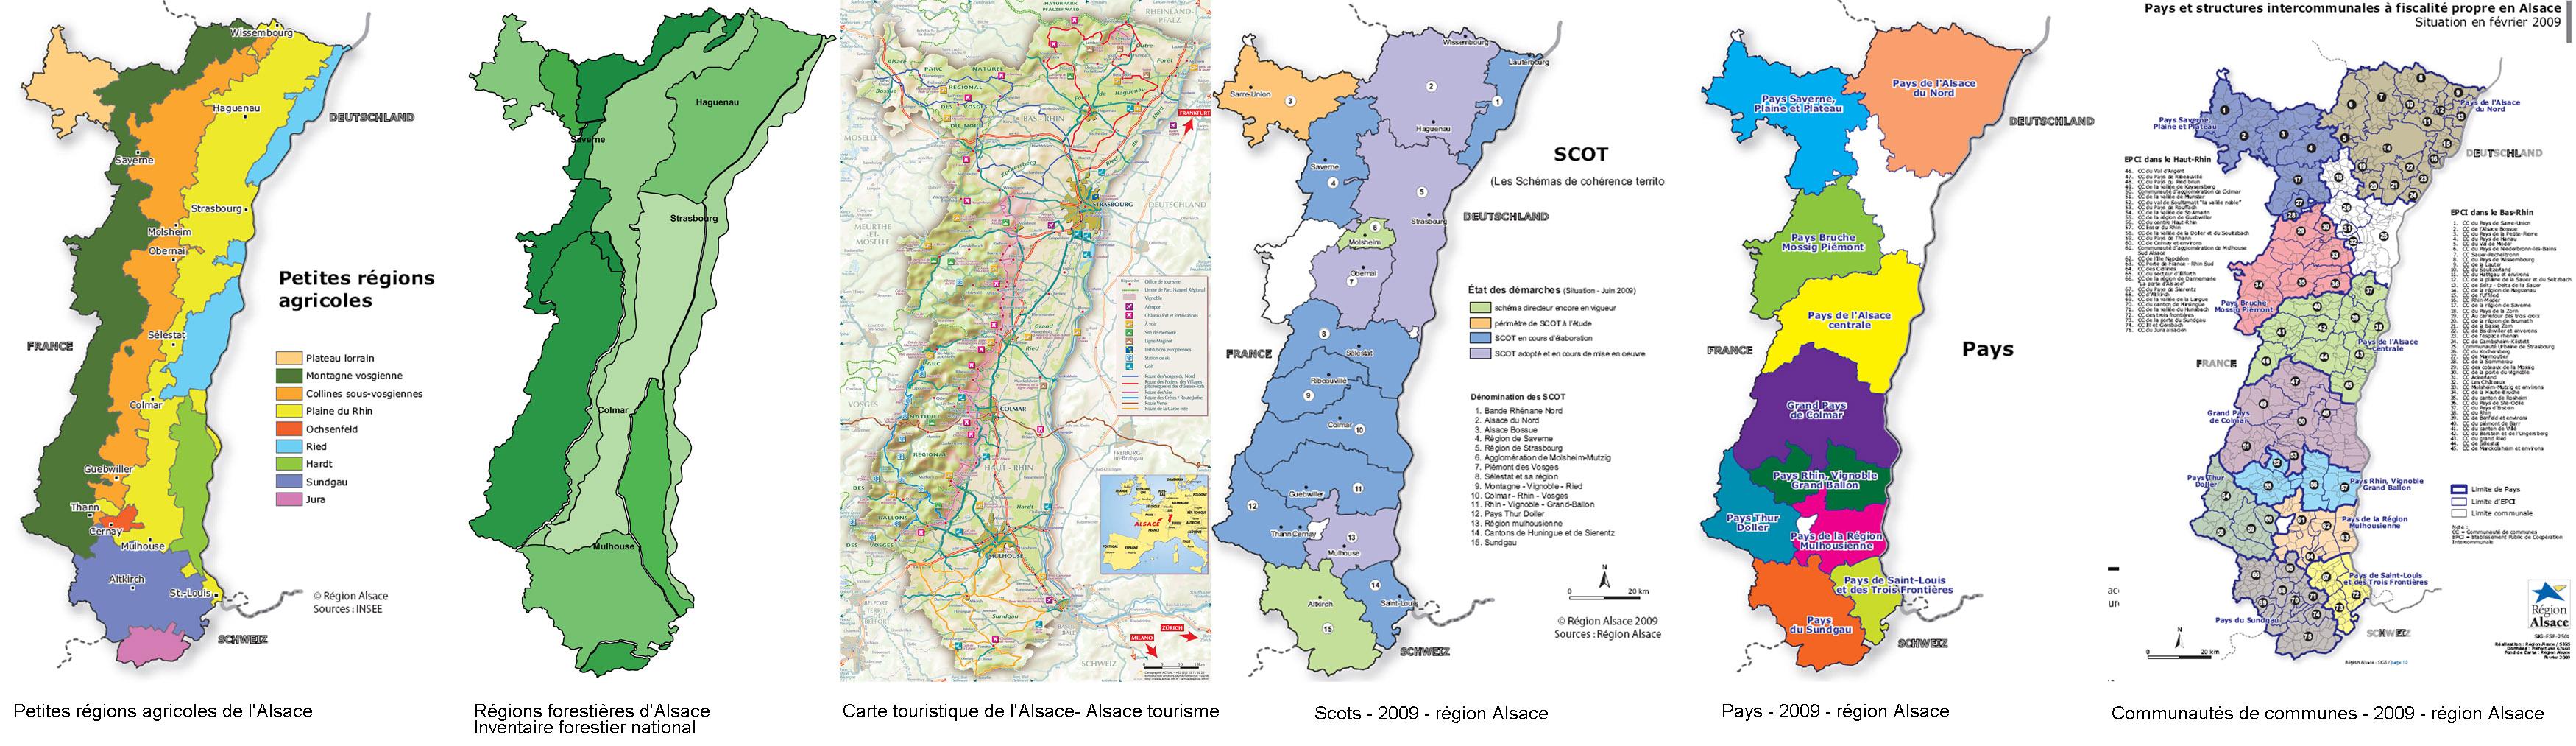 Carte Dalsace Touristique.Les Cartes Thematiques Agriculture Foret Tourisme